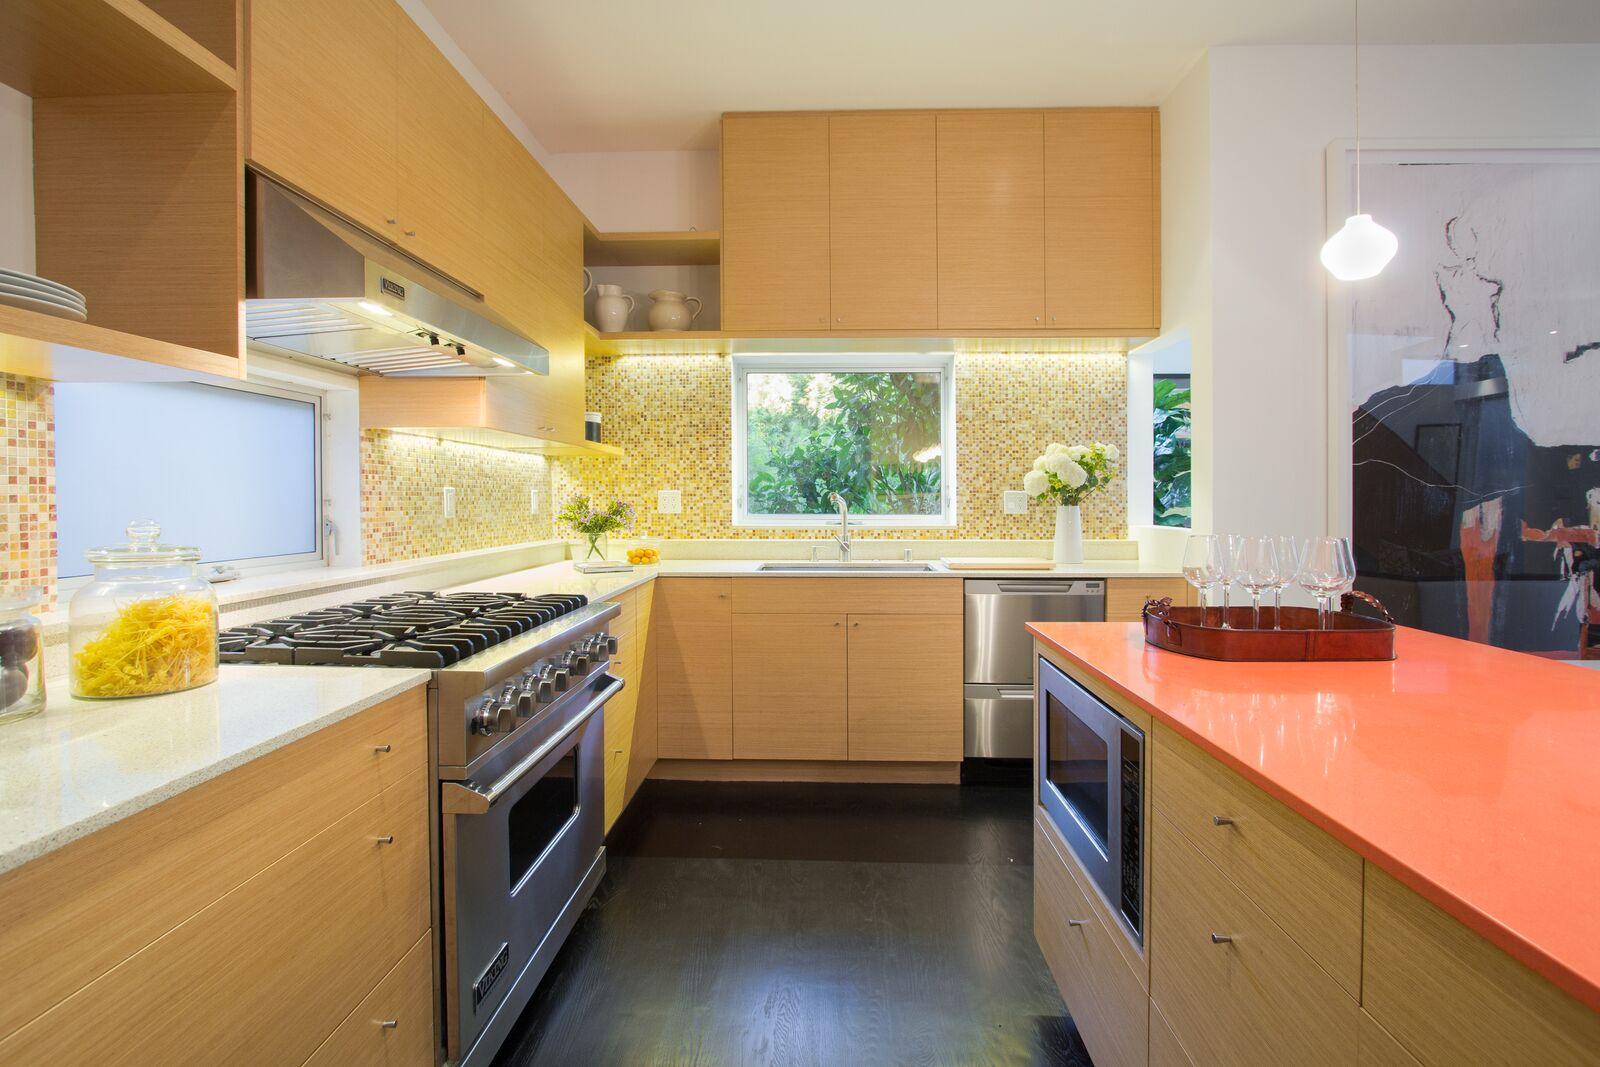 kitchen3_before.jpg